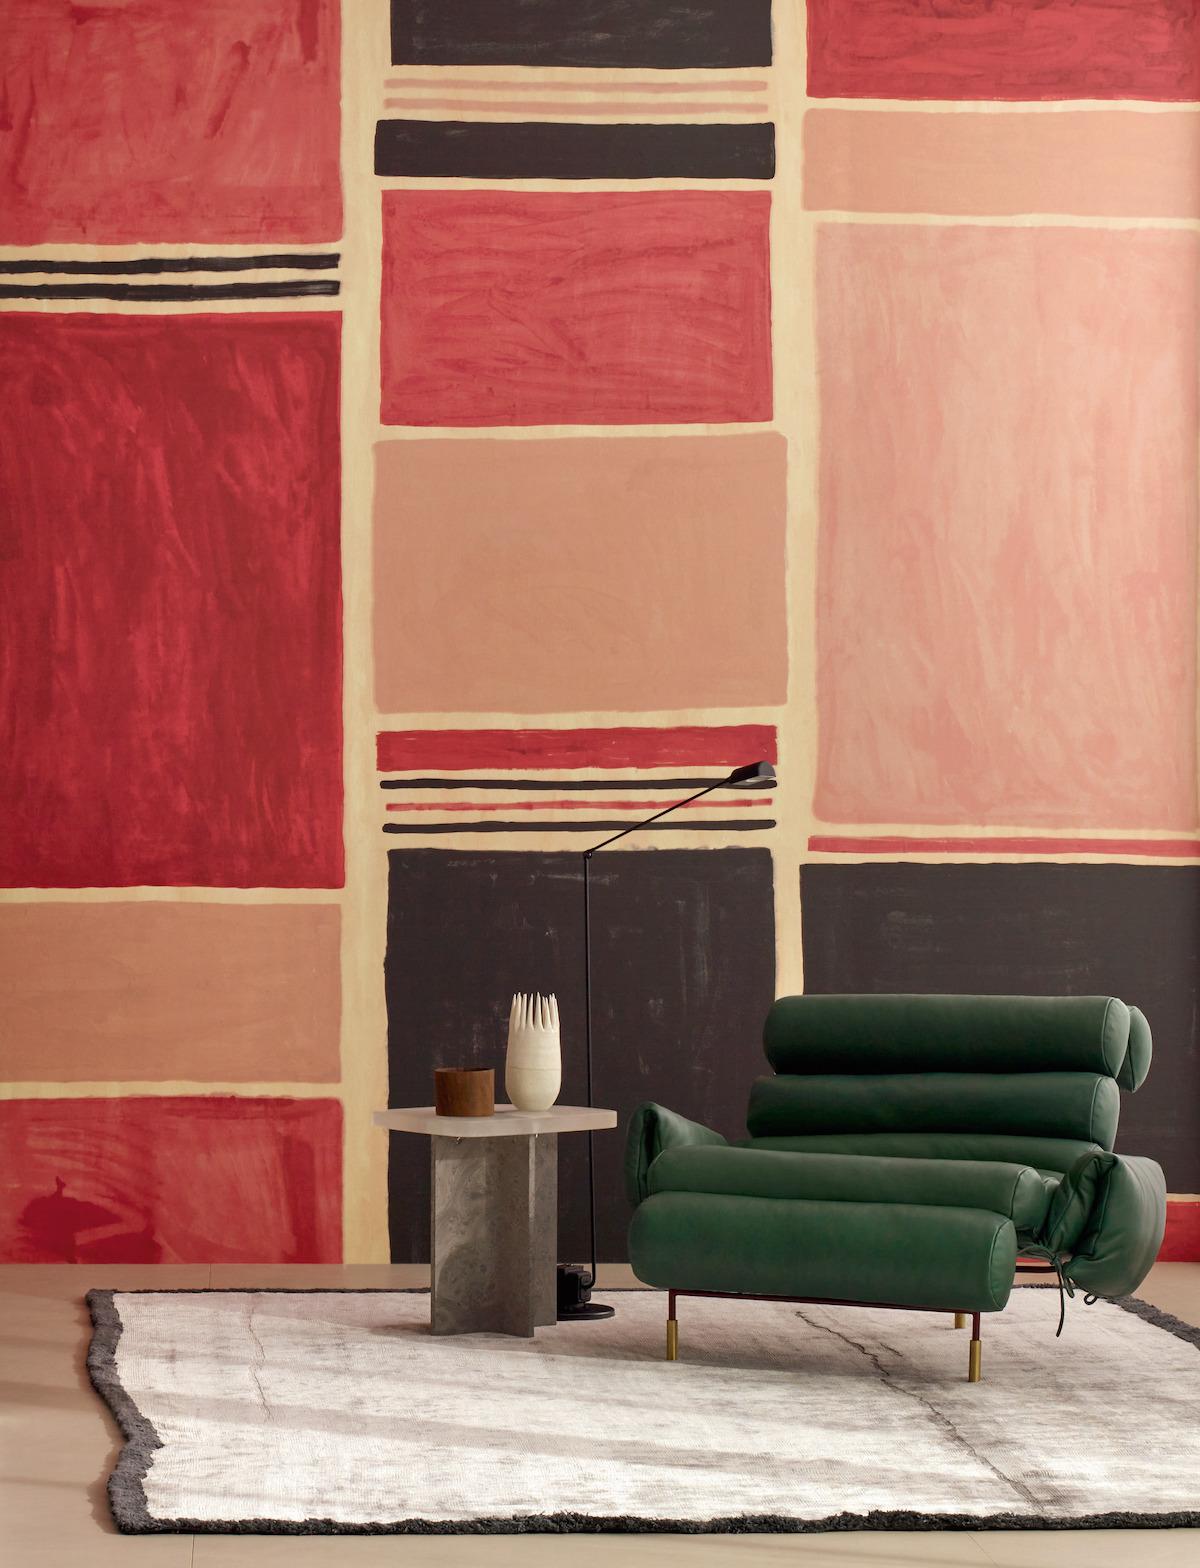 Astéré déco salon rose rouge vert fauteuil design 60s boudin cuir